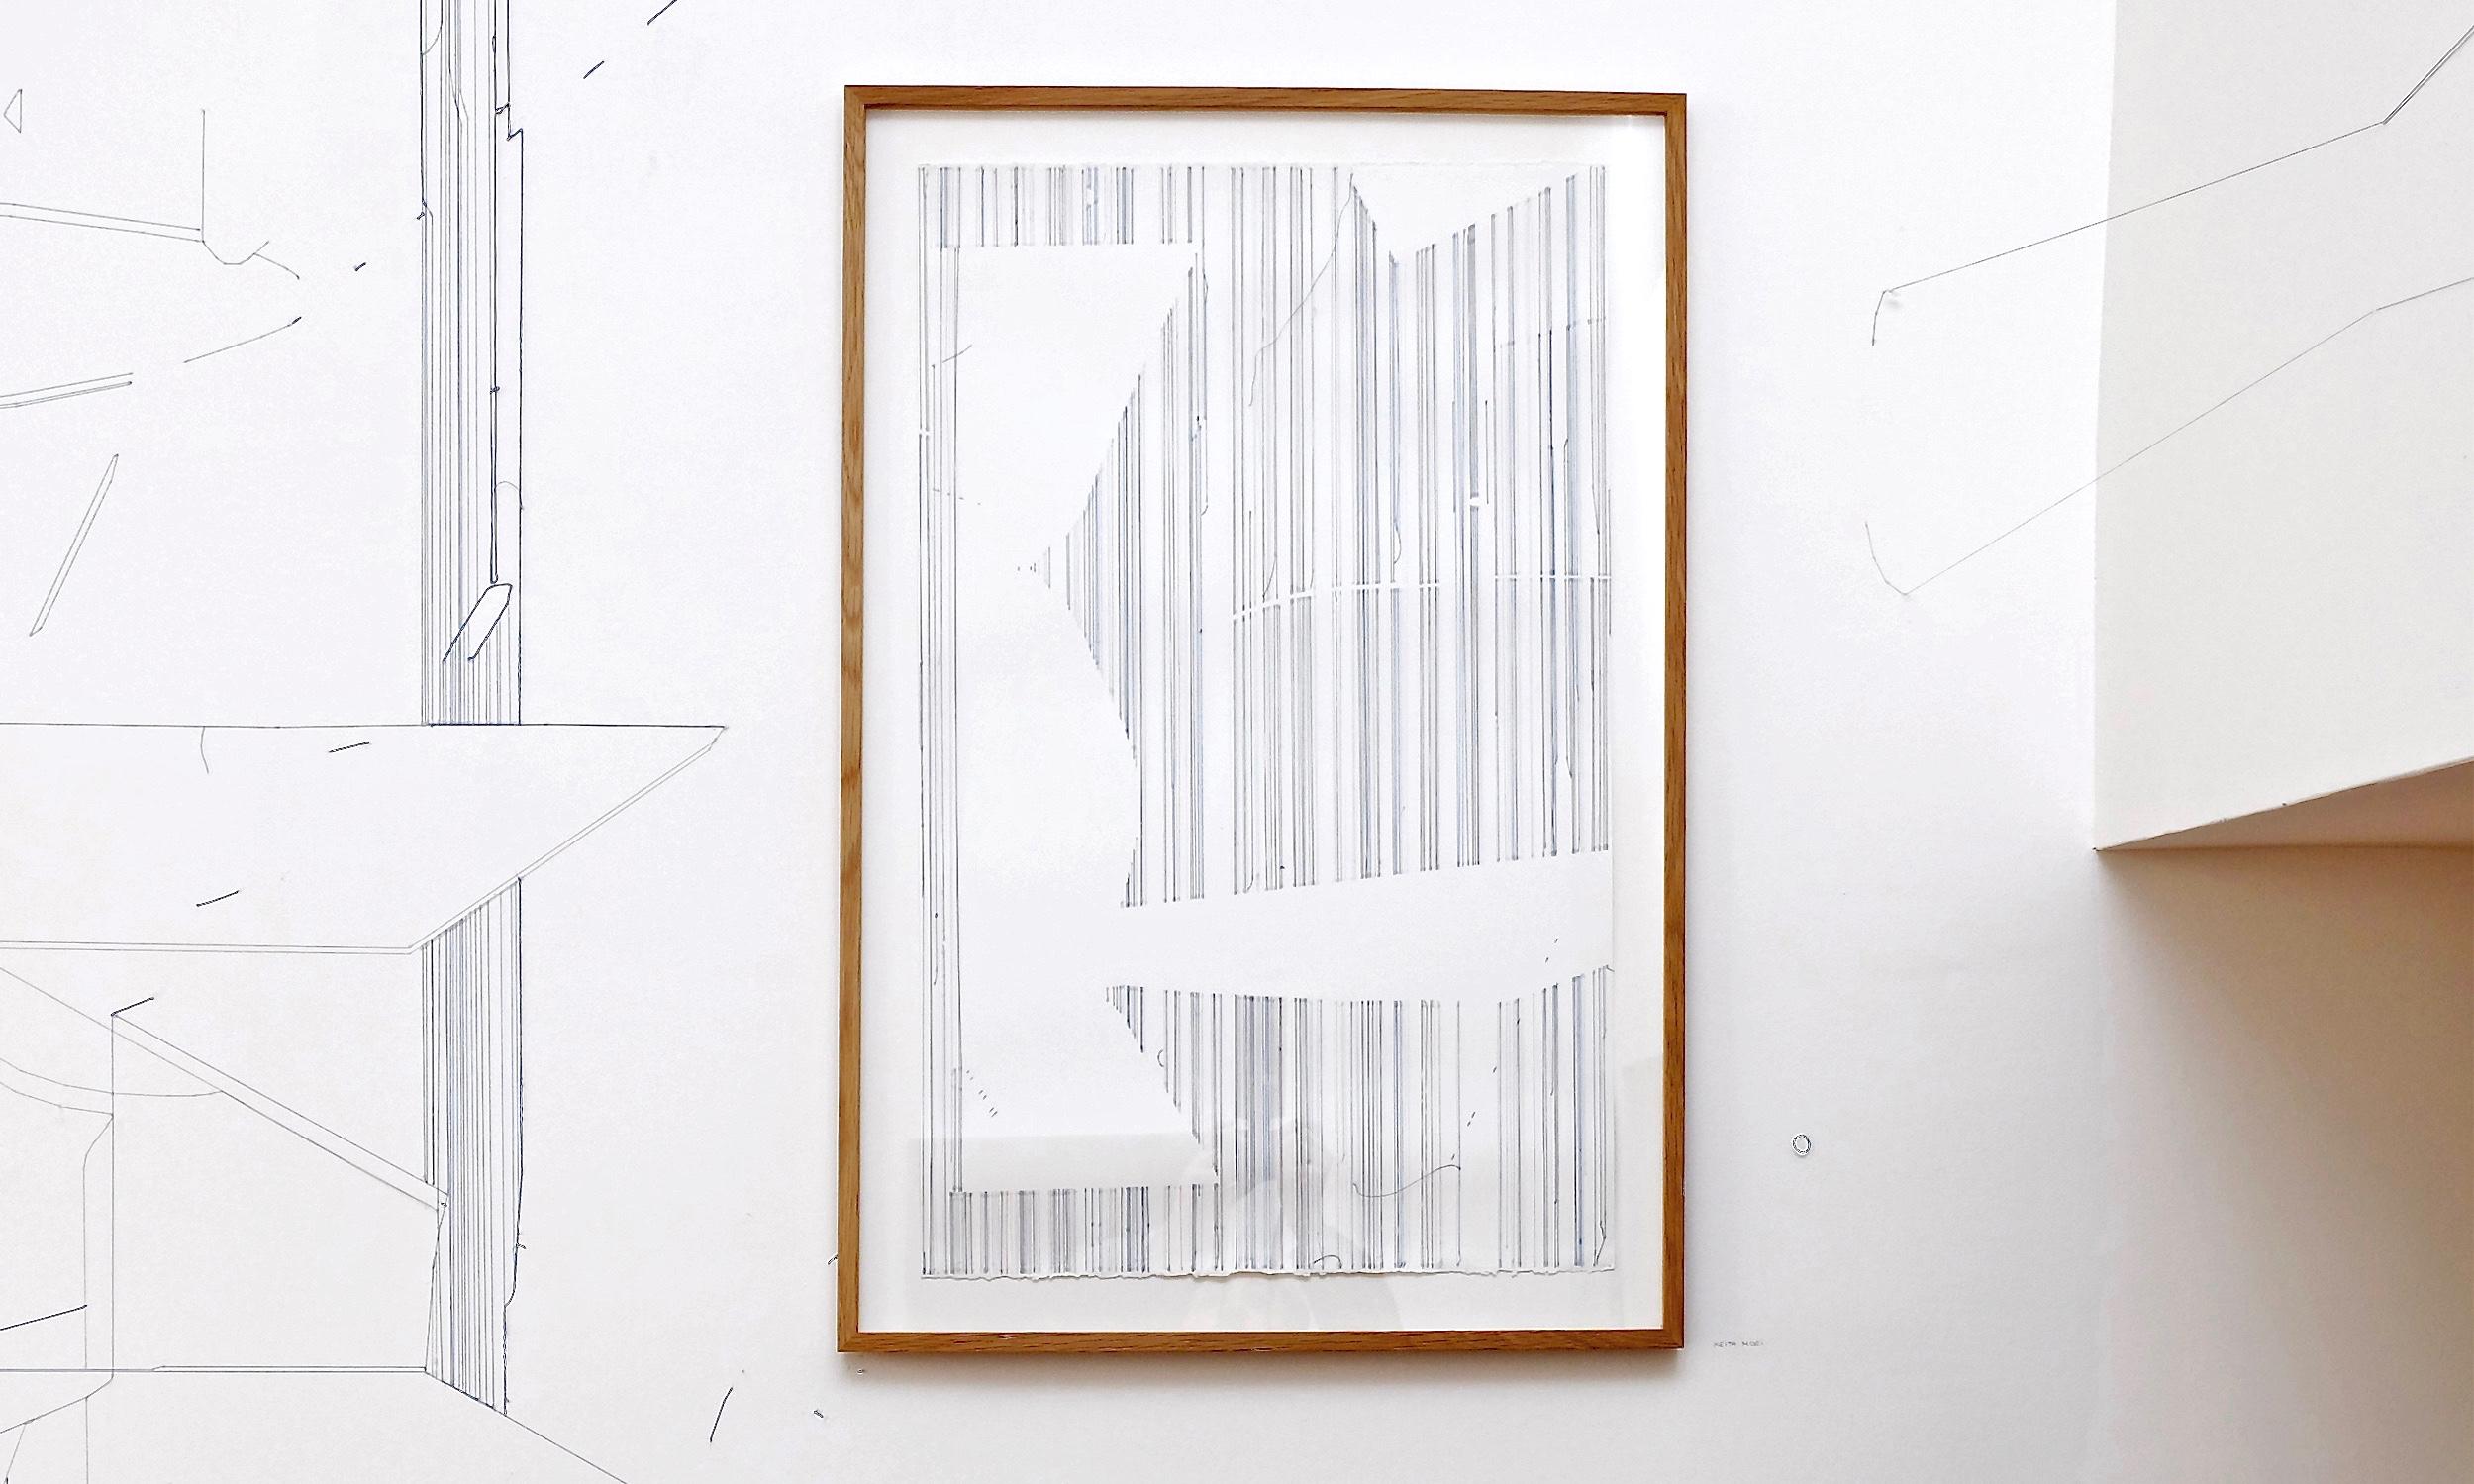 Keita Mori,  Bug Report (ocean) , 2017. Fil de coton et fil de soie sur papier, 76 cm x 50 cm